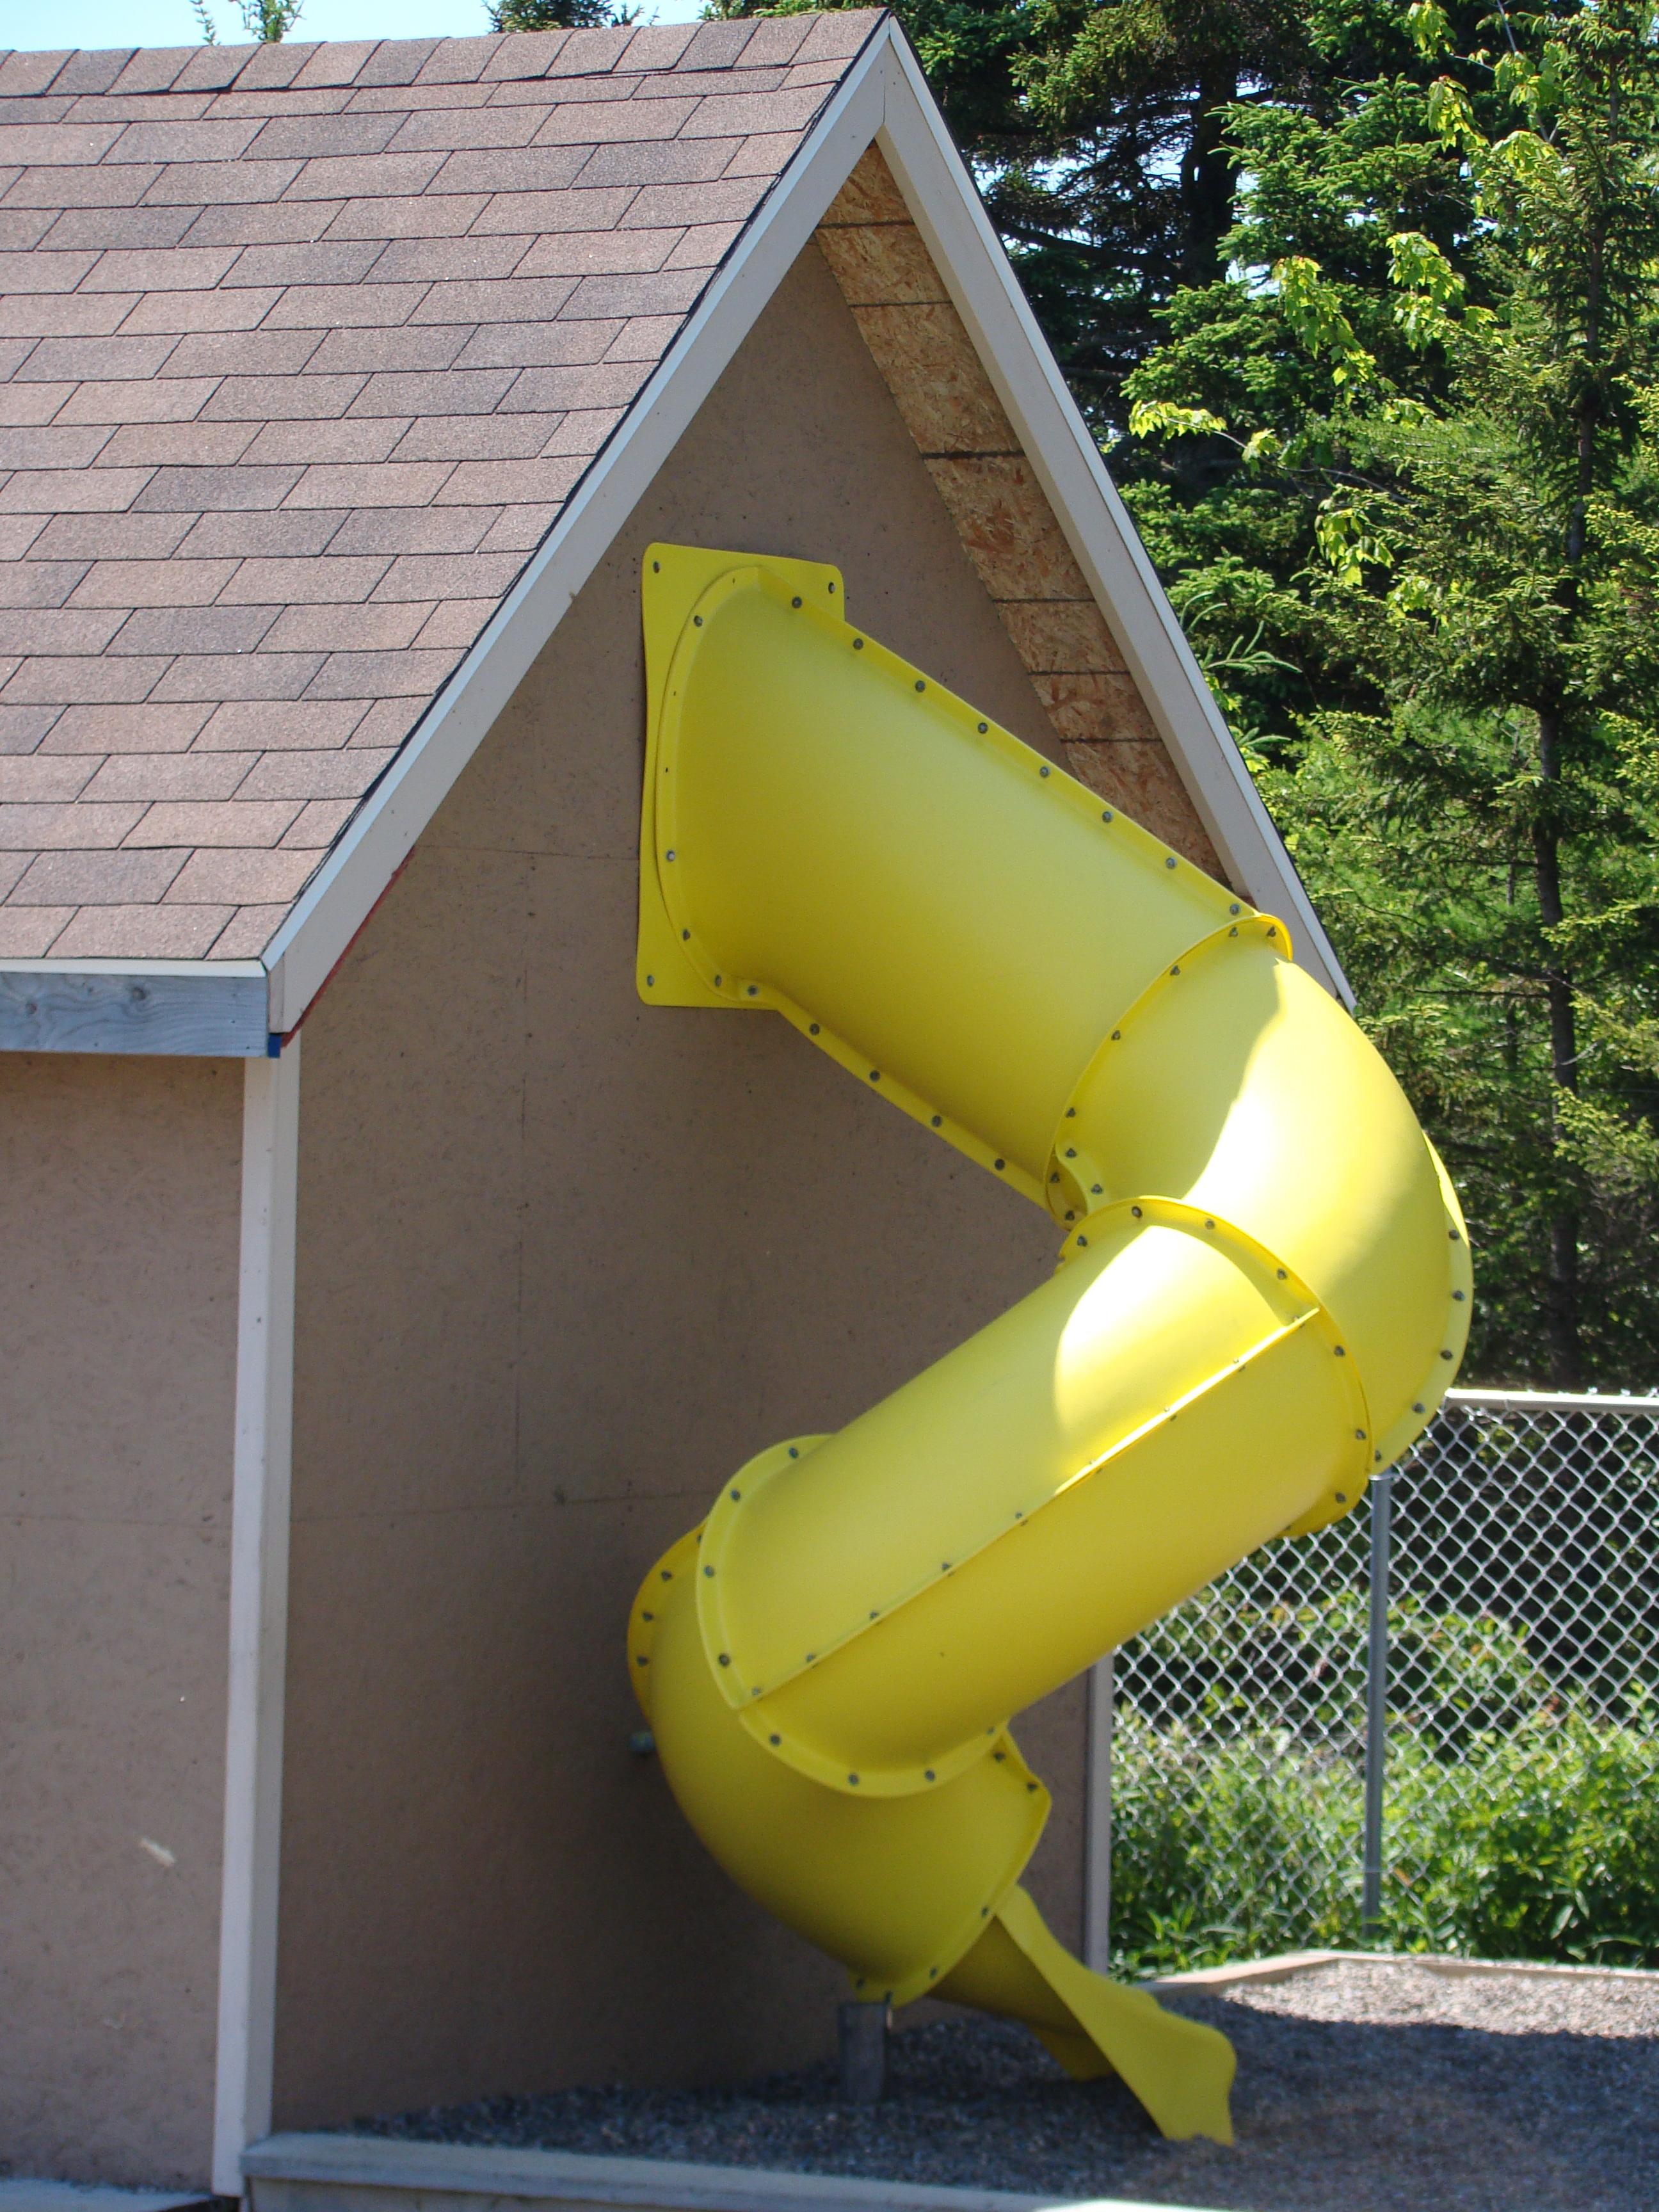 the amazing two slided house playgroundology